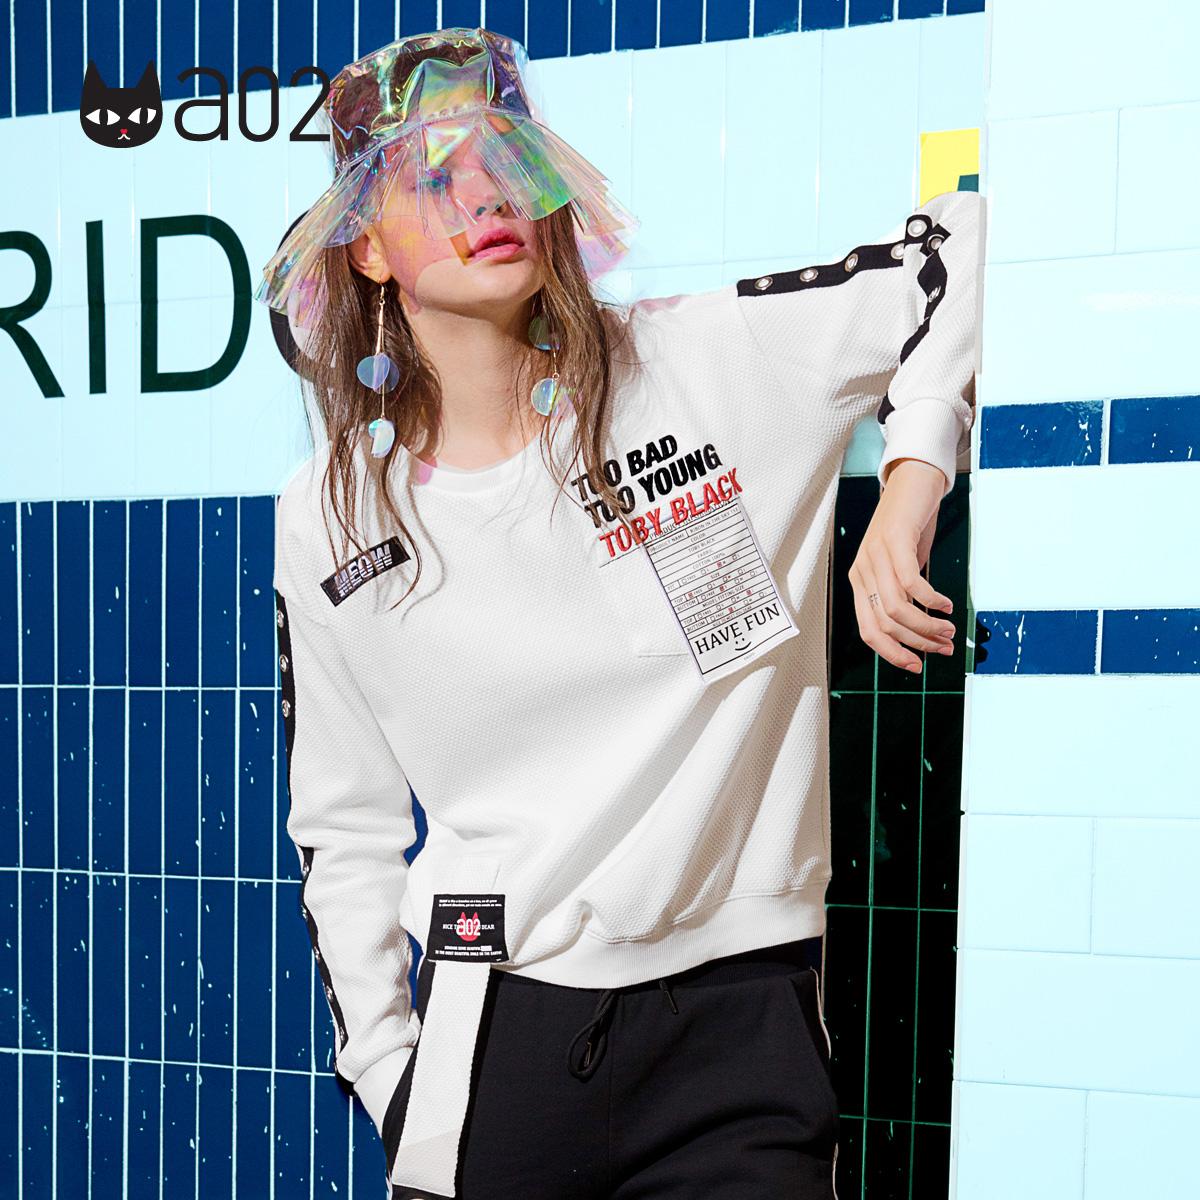 a02秋季新款女卫衣圆领休闲宽松嘻哈bf长袖白色纯棉T恤上衣